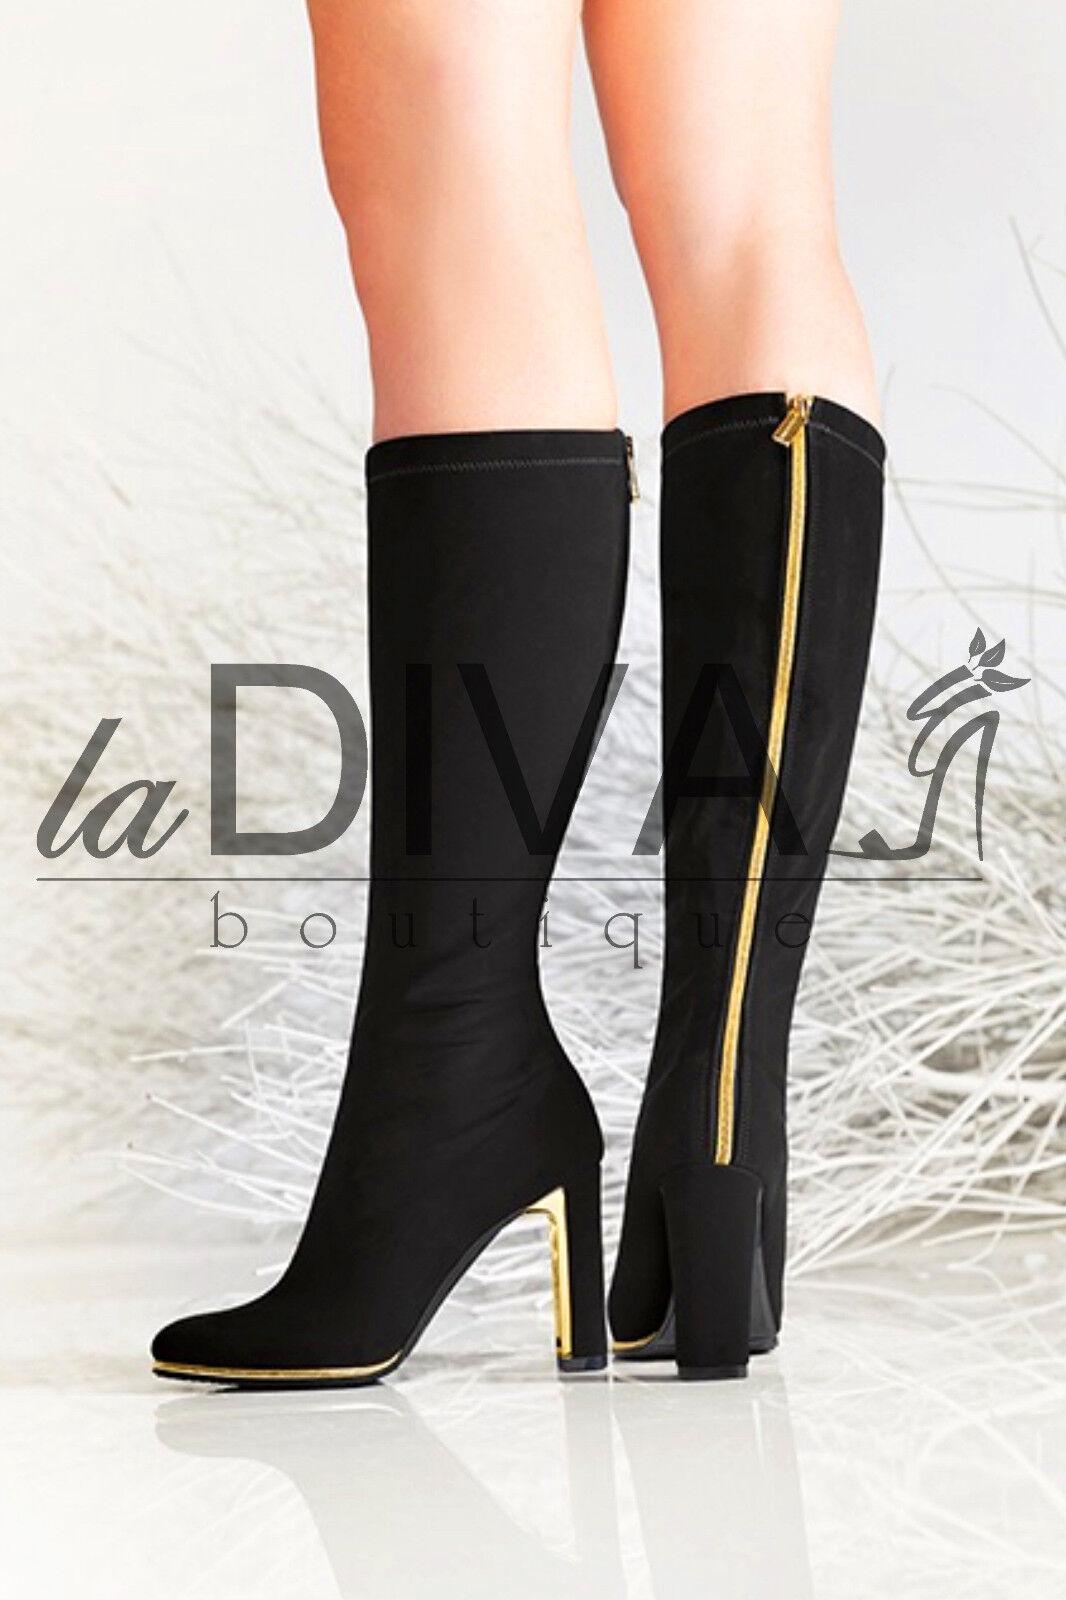 Nila & nila ~ Italy elástico botas 38 negro con cremallera en oro botas de cuero